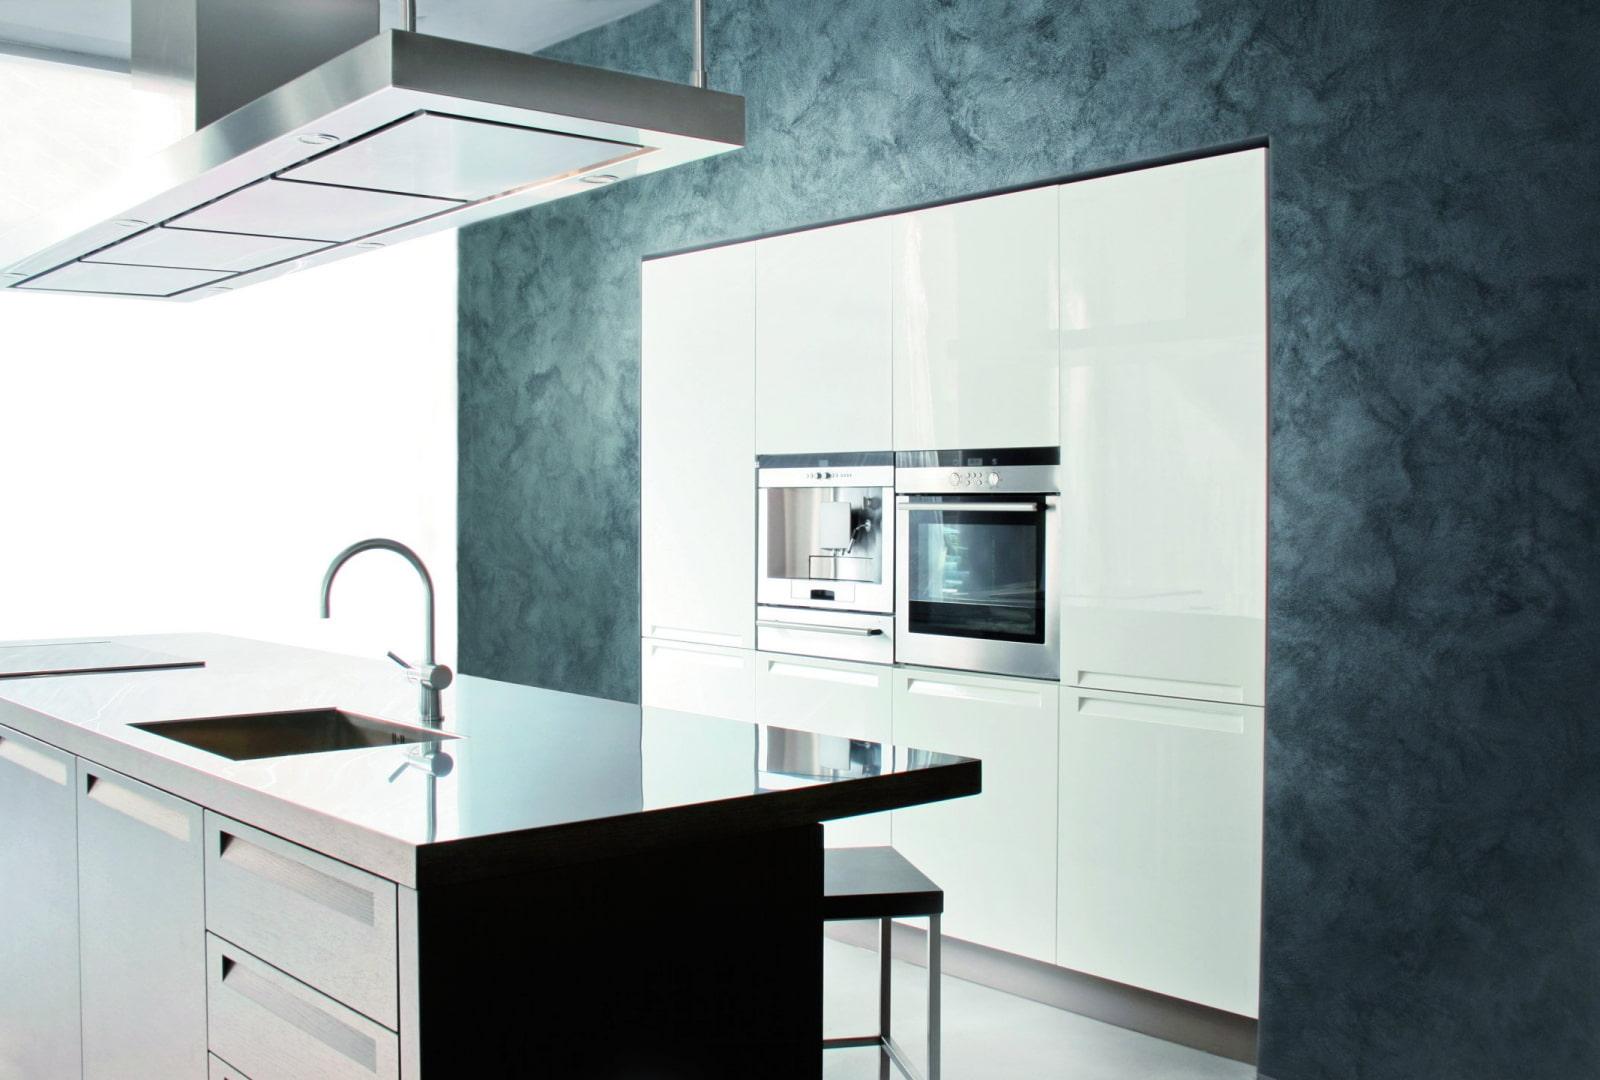 декоративная штукатурка на кухне фото идеи